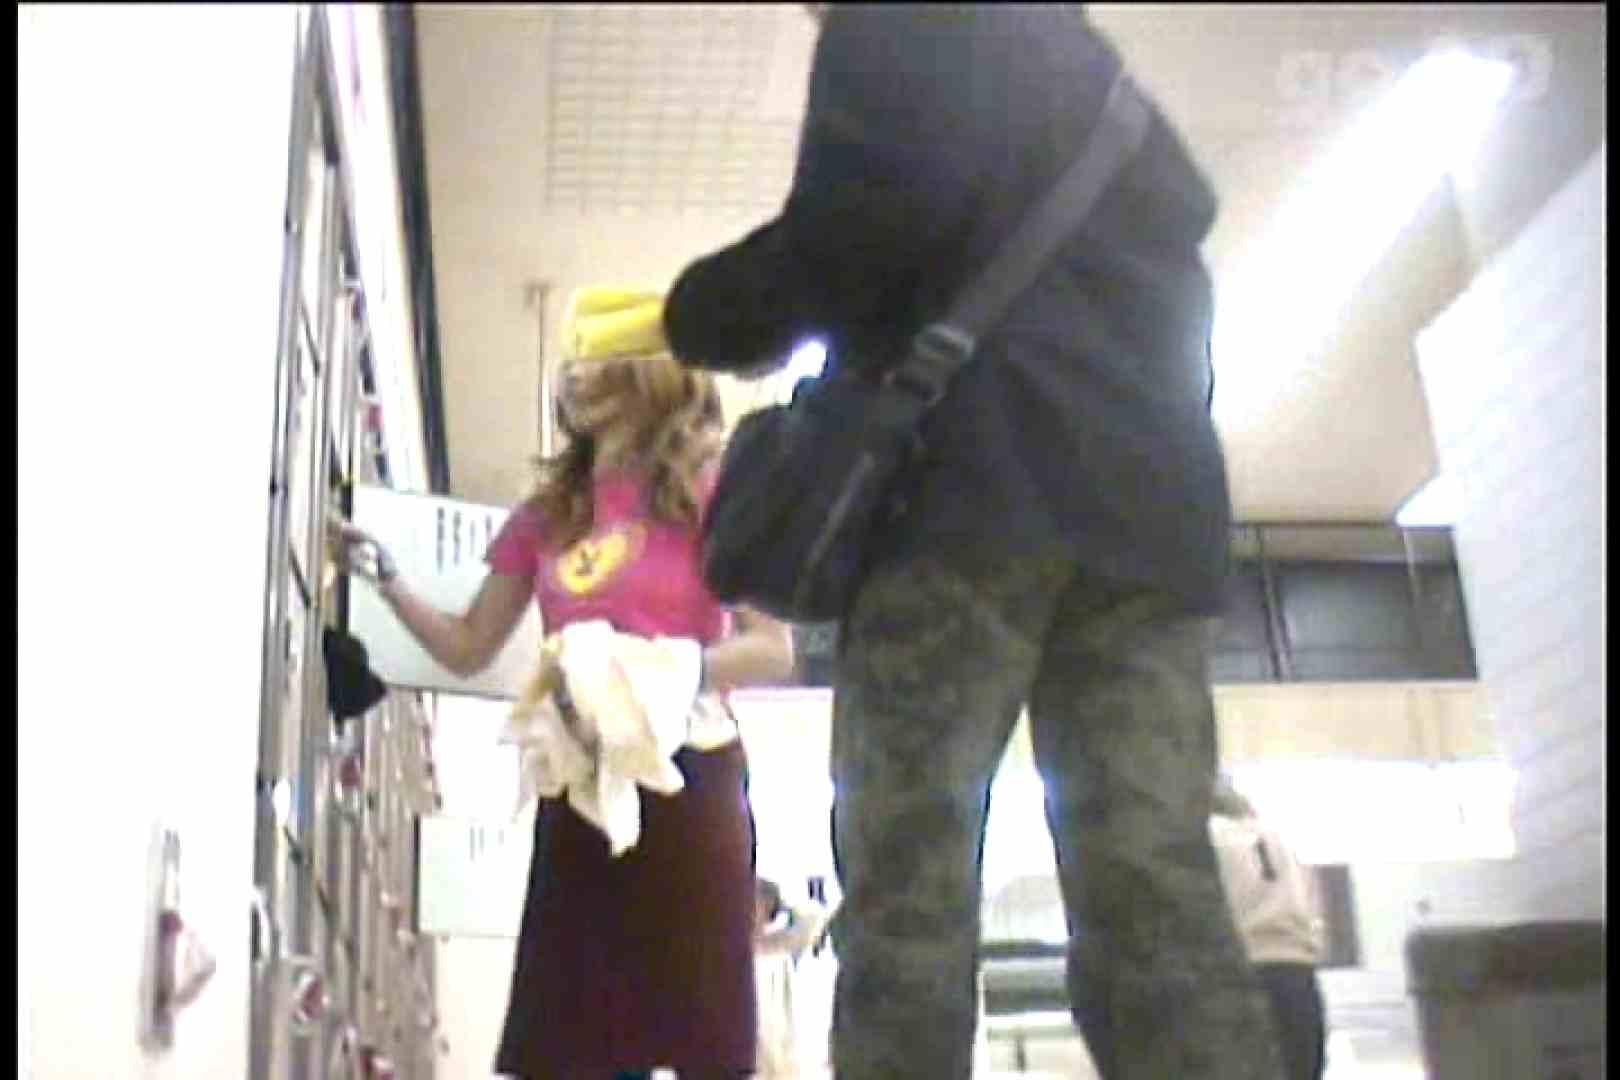 電波カメラ設置浴場からの防HAN映像 Vol.10 OL女体 | 女体盗撮  86連発 1